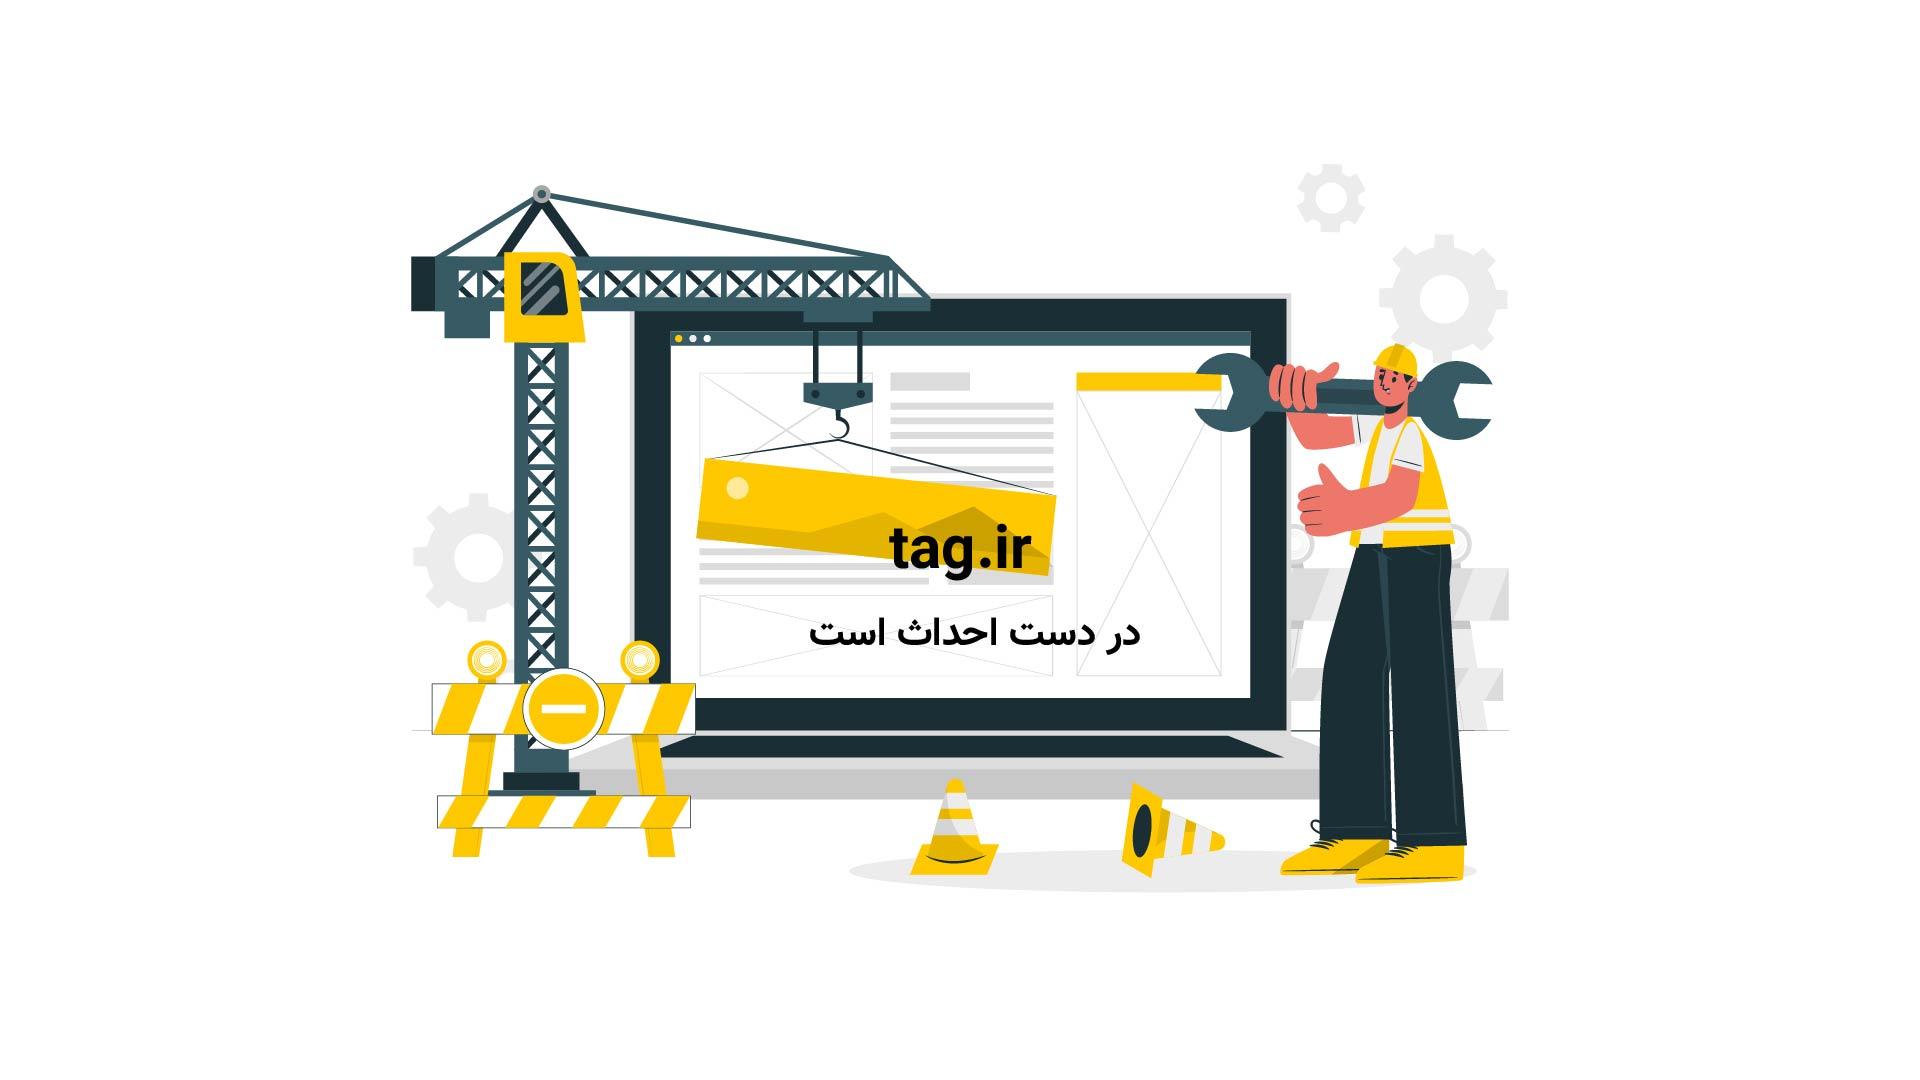 زلزله-غرب-کشور | تگ